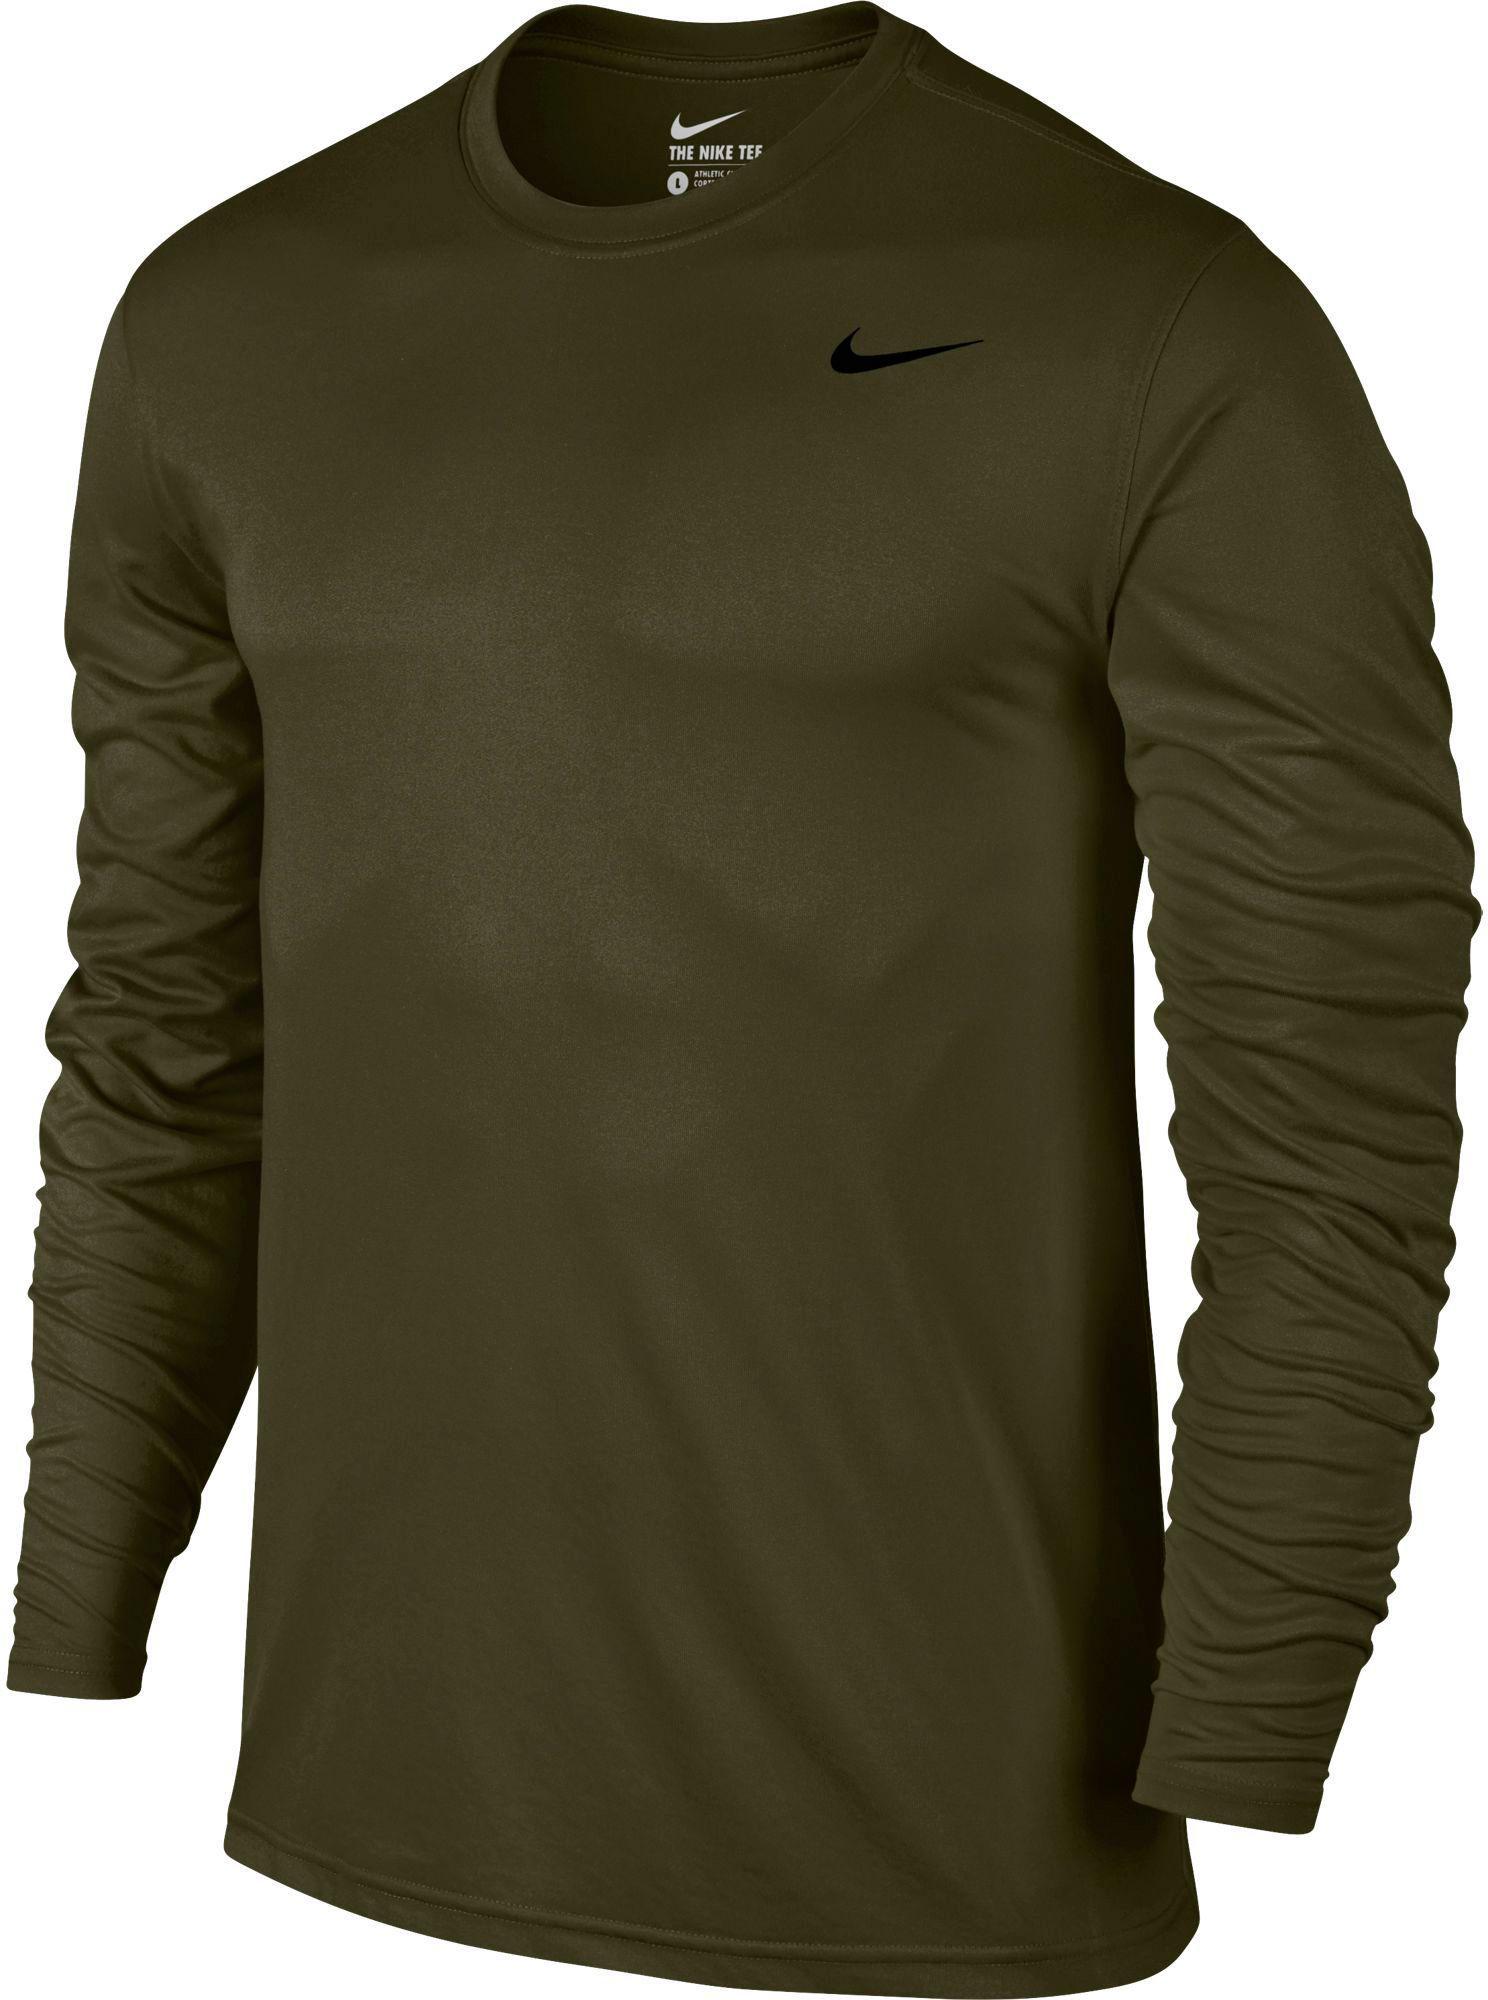 14359e74 Lyst - Nike Legend Long Sleeve Shirt in Green for Men